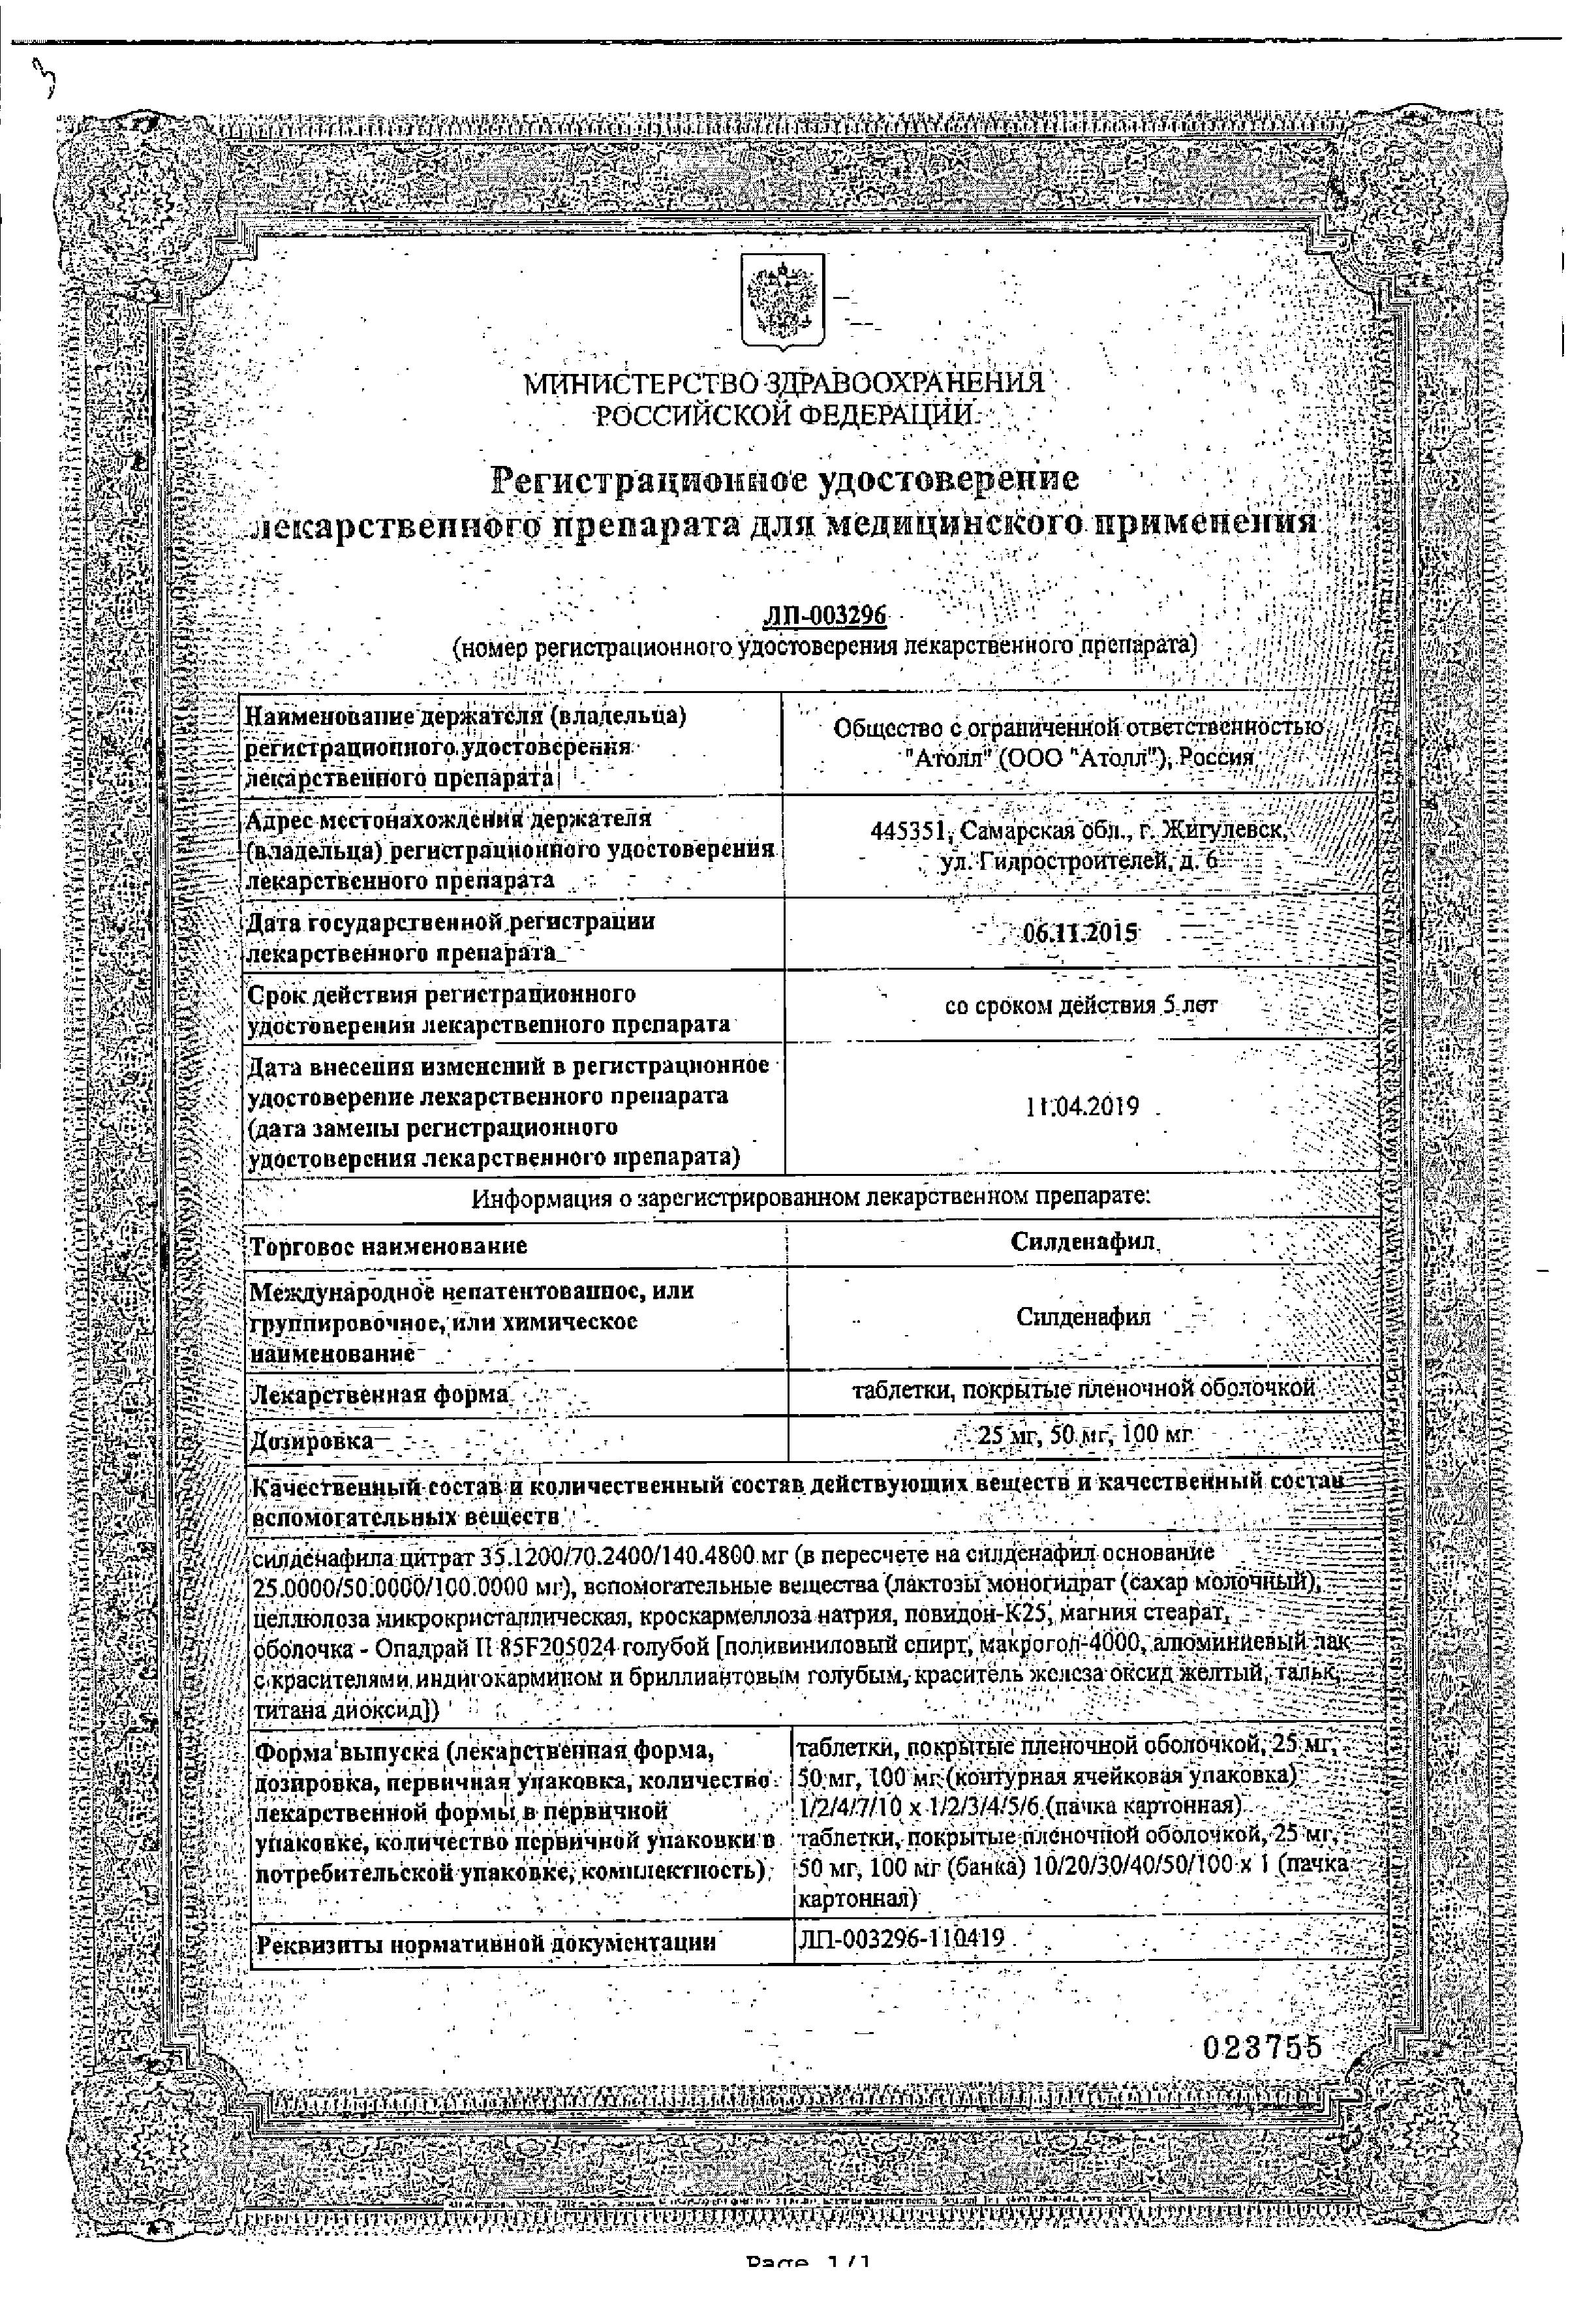 Силденафил сертификат